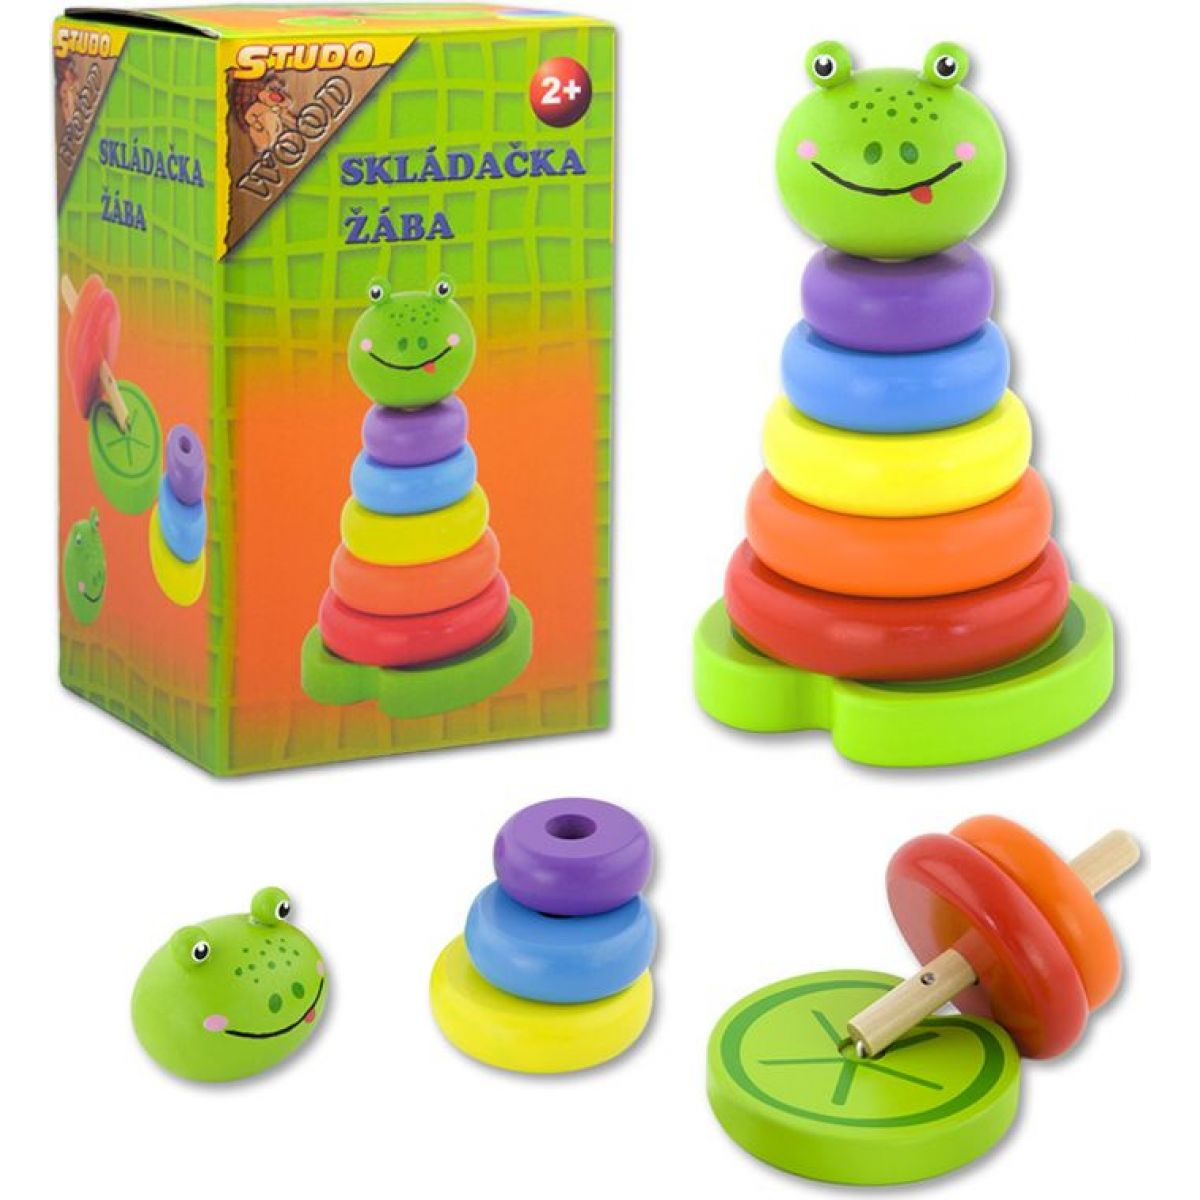 HM Studio Skládačka barevné kroužky žába